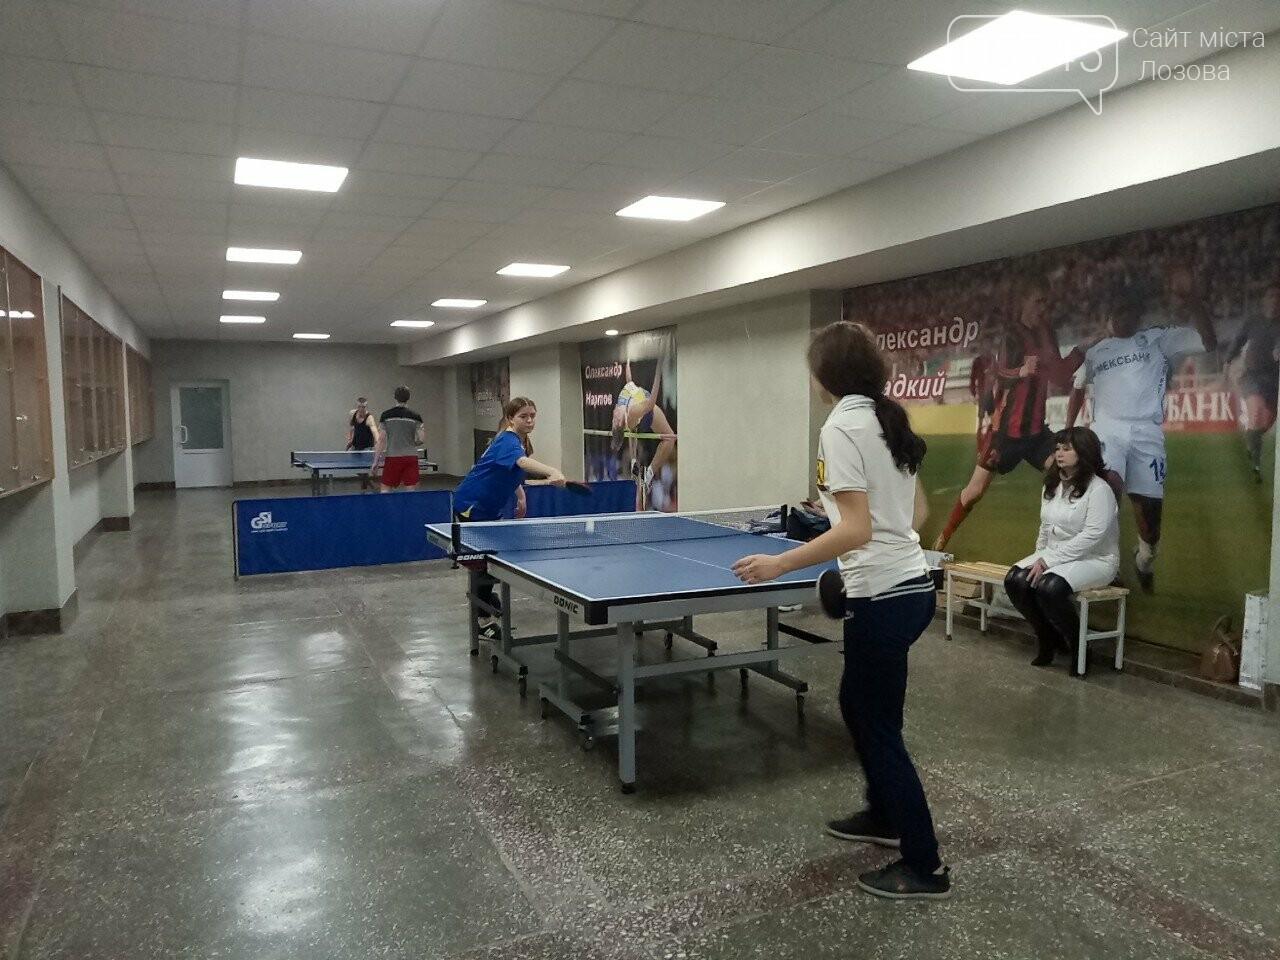 В Лозовой провели чемпионат по настольному теннису среди студентов , фото-5